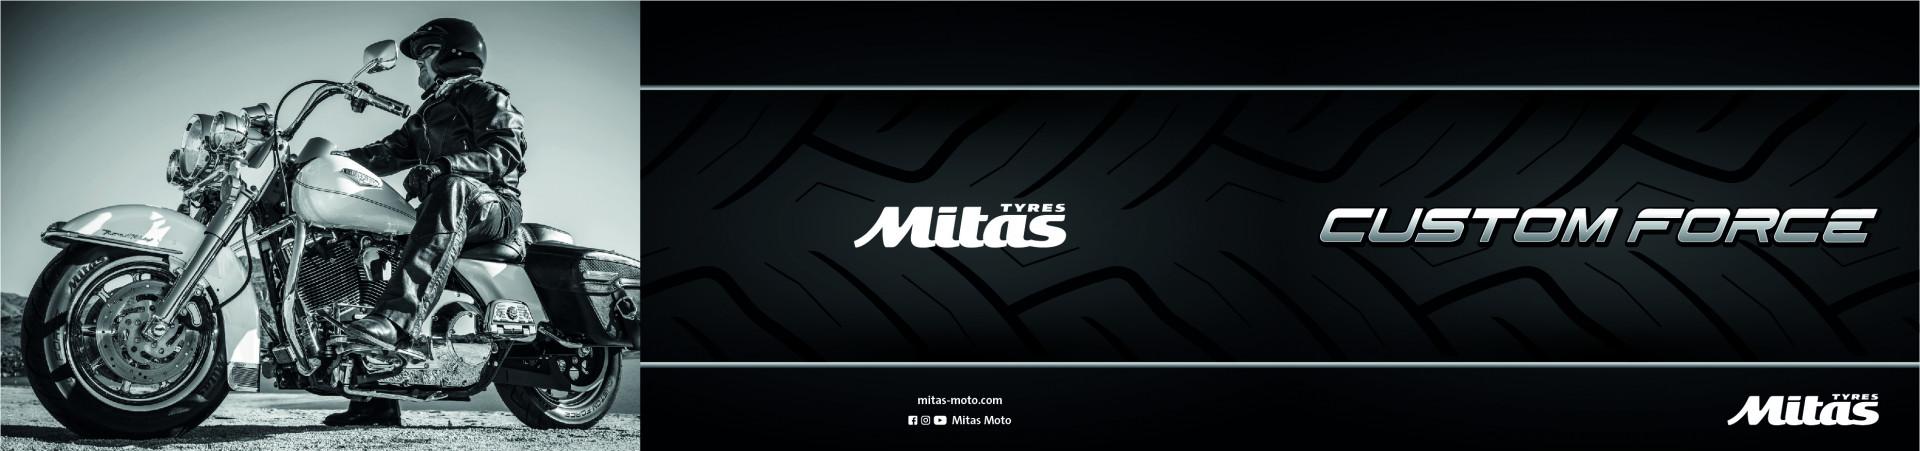 mitas-01.jpg